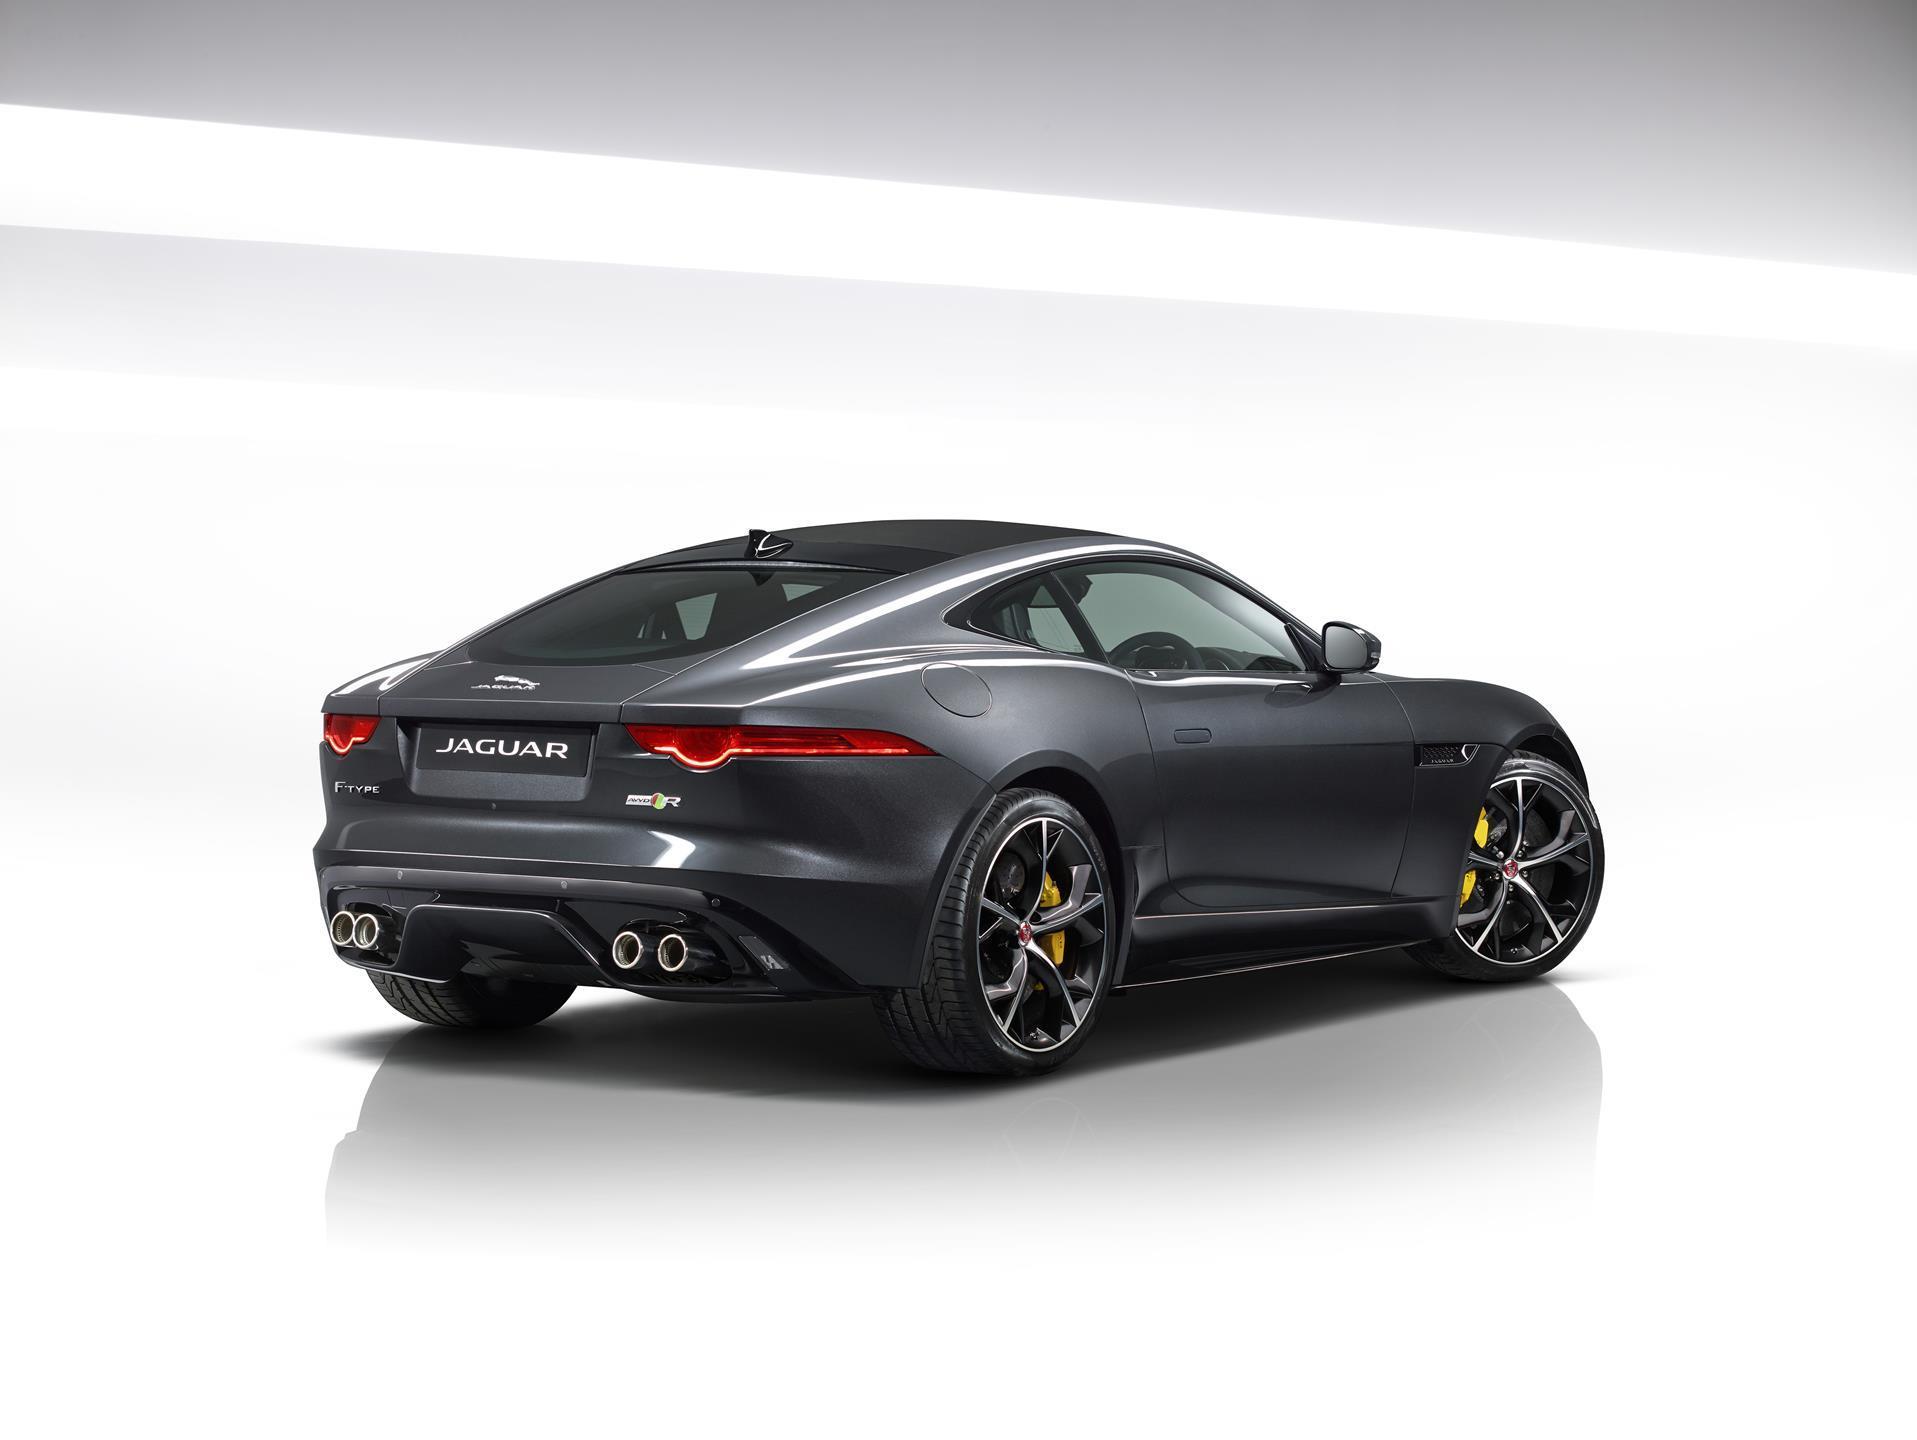 Jaguar F-Type Coupe  № 2429476 бесплатно